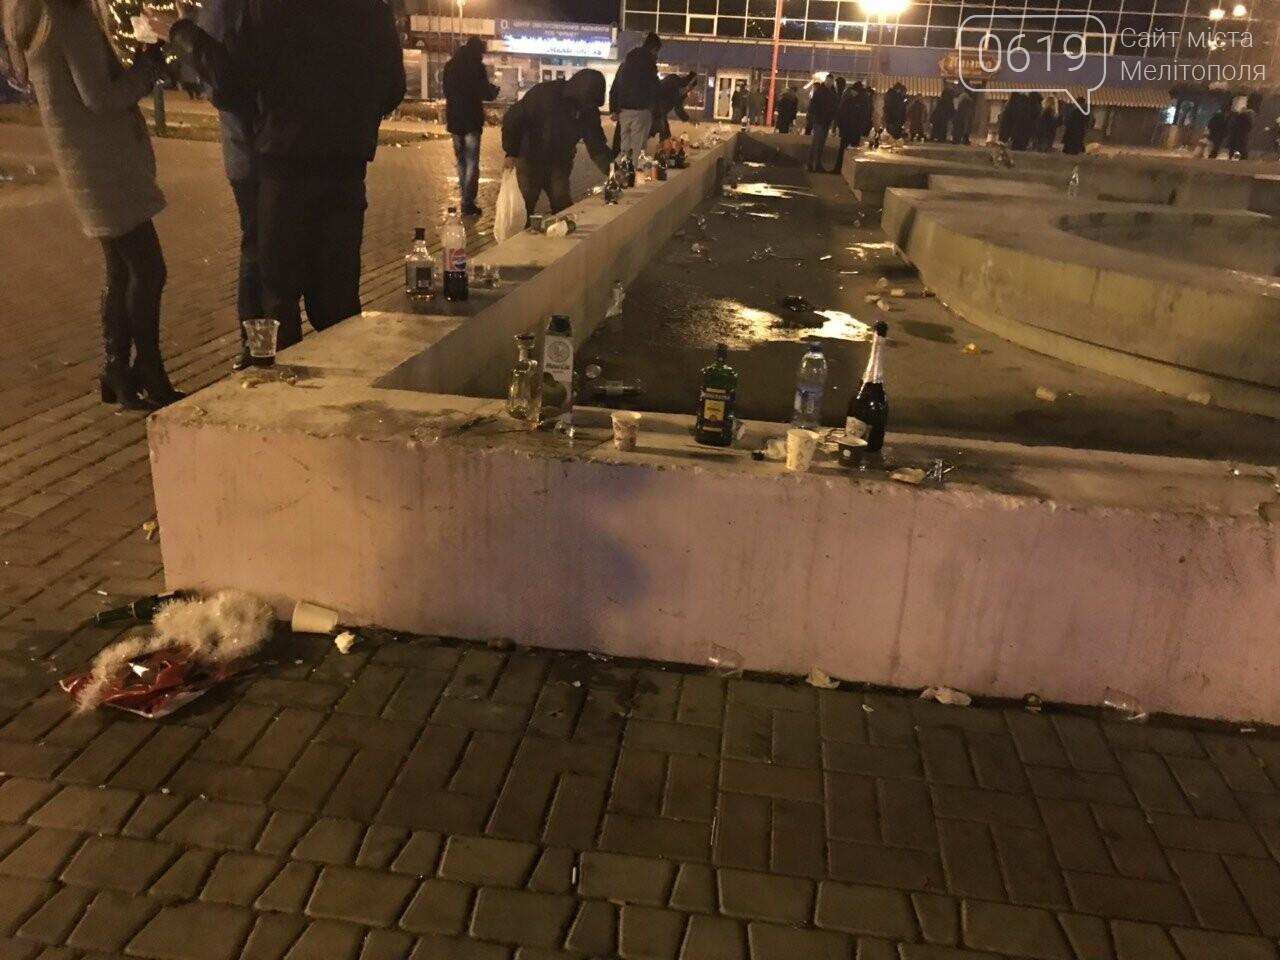 В новогоднюю ночь мелитопольцы превратили площадь в свалку, фото-4, Фото сайта 0619